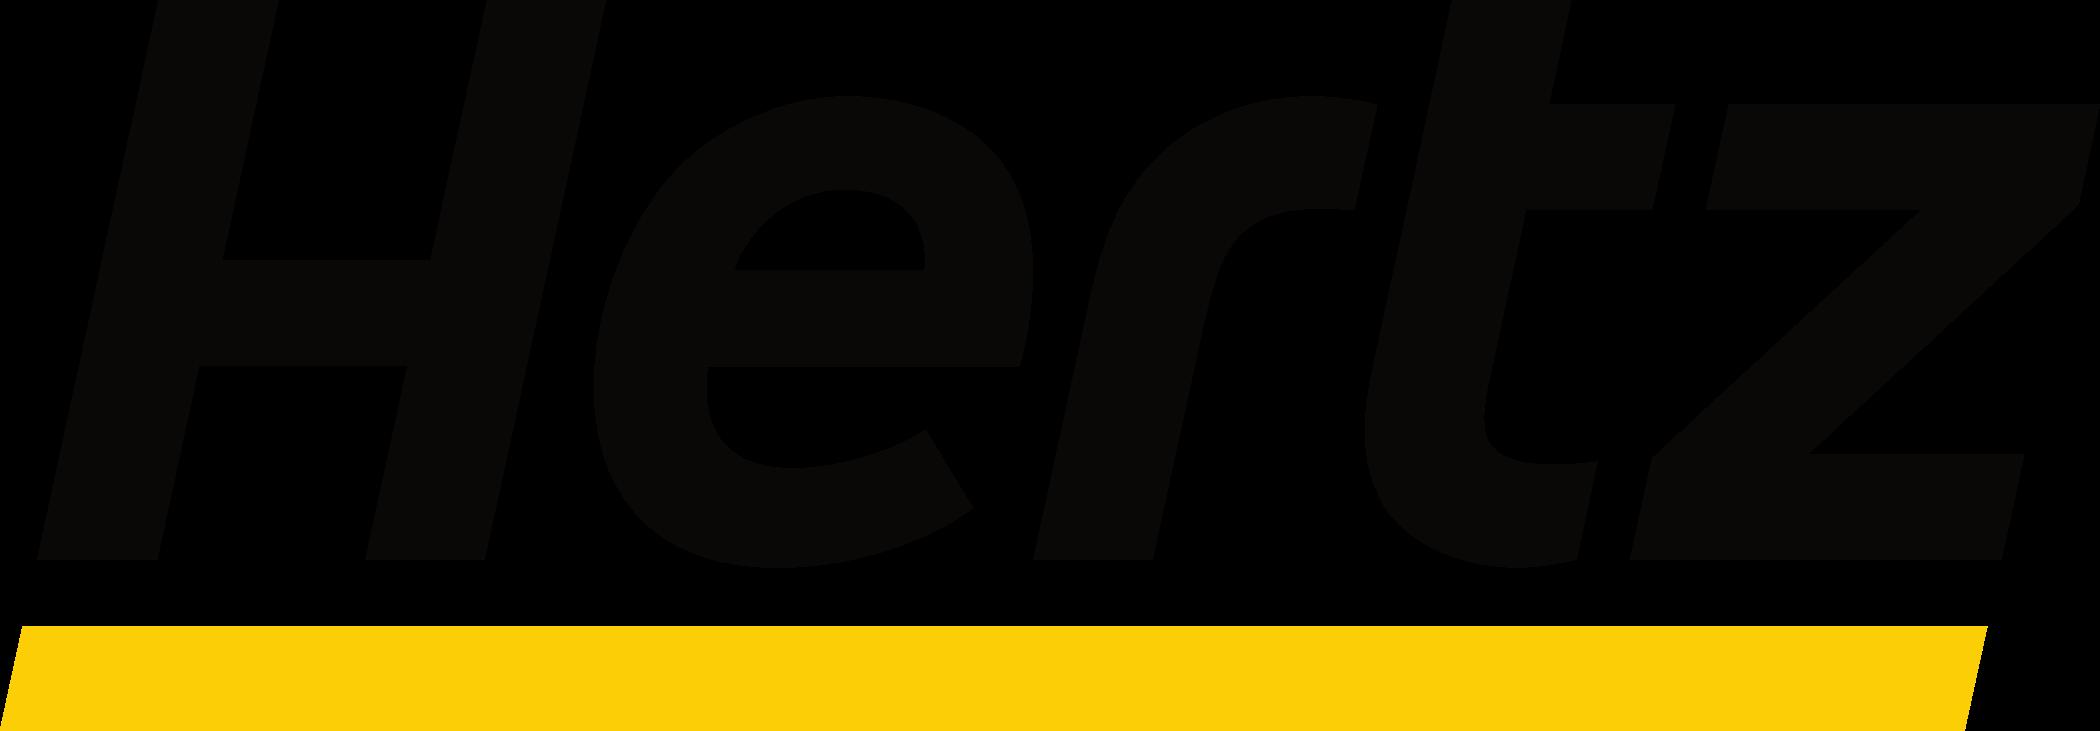 hertz logo 1 - Hertz Logo